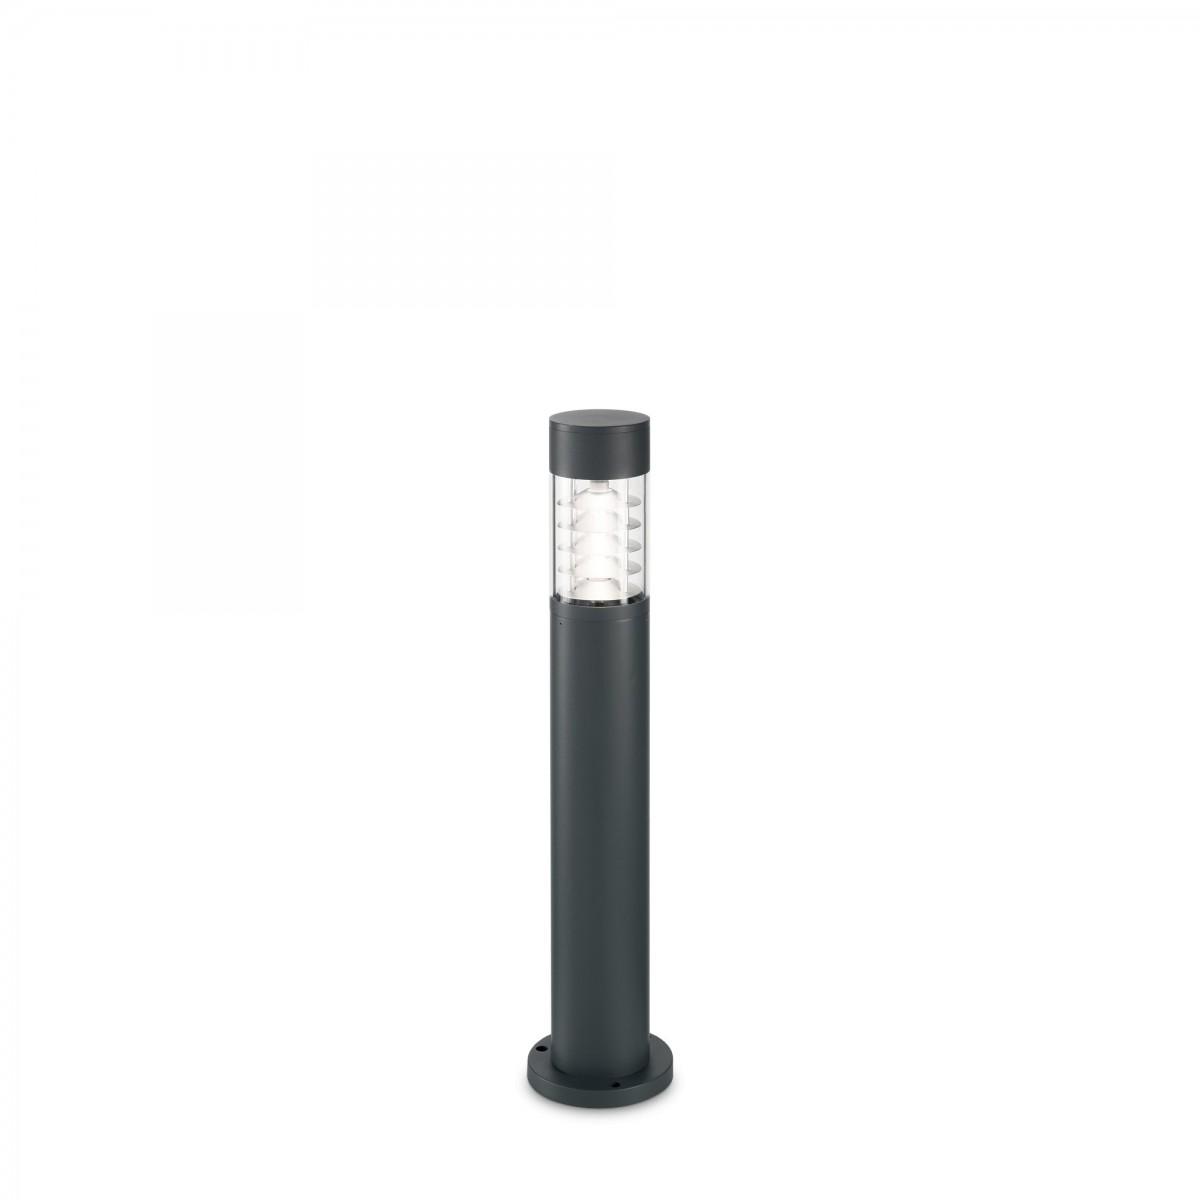 Ideal Lux 243481 zahradní sloupkové svítidlo Dema 1x60W | R7s | IP 54 - antracit